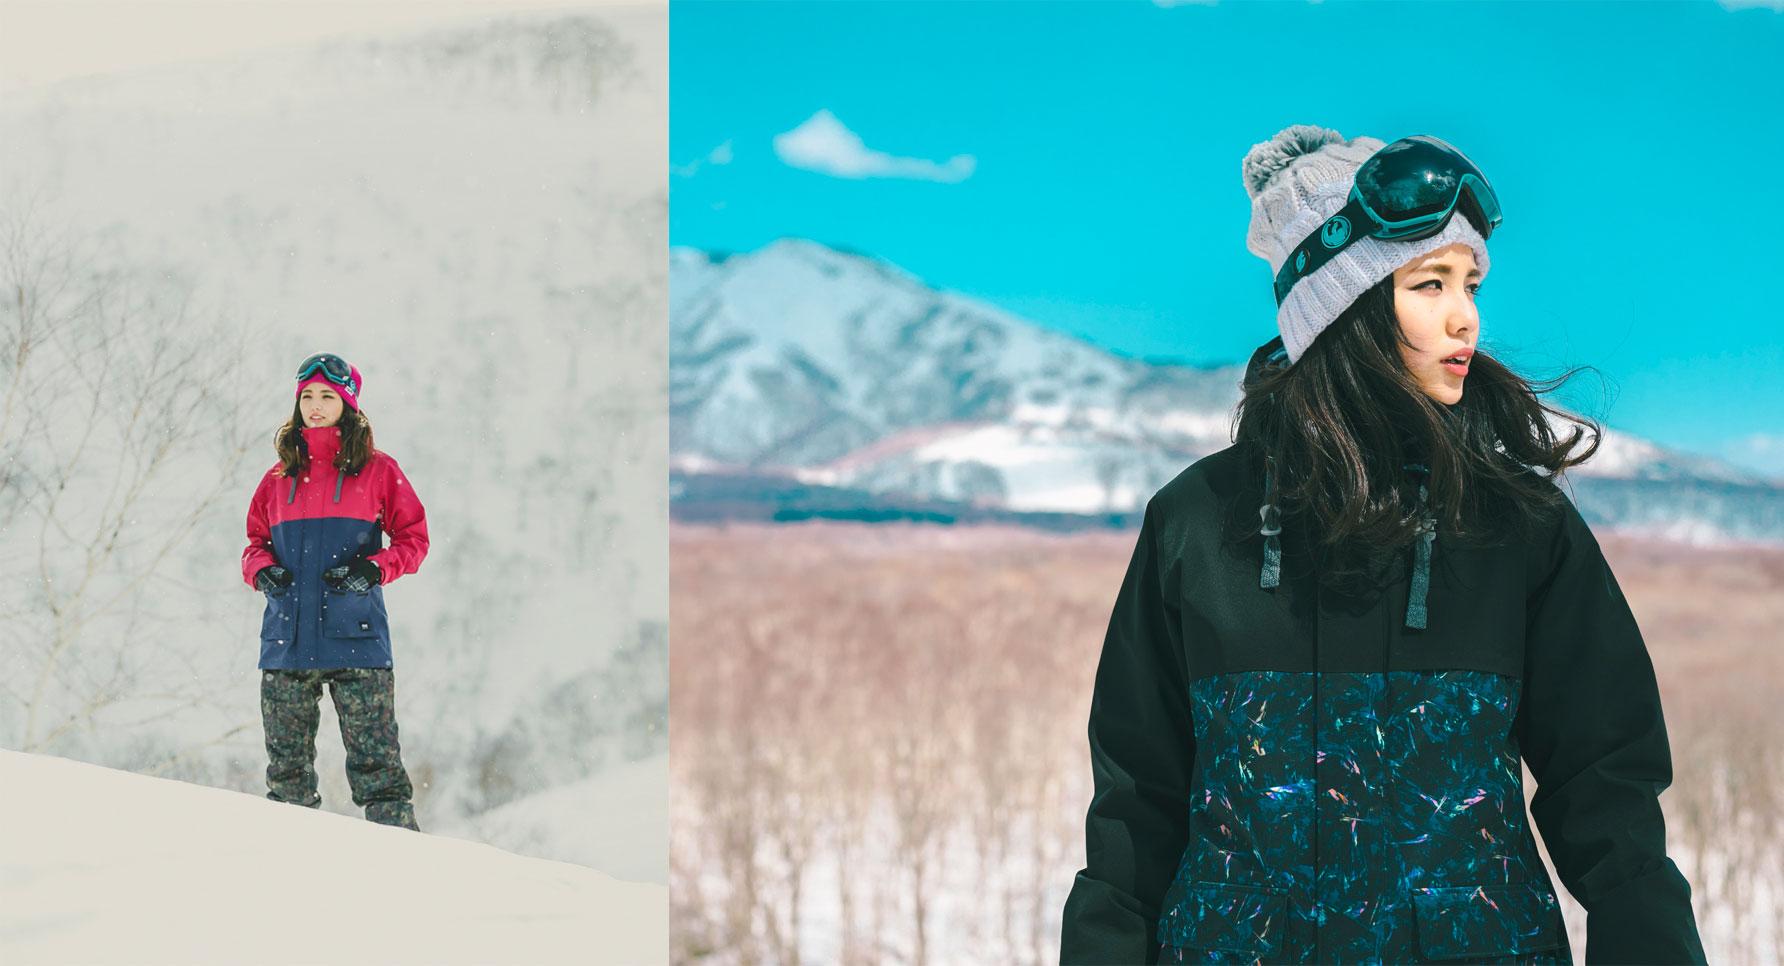 スノーボードウェア 2018-2019モデル 【予約商品】 スキーウェア レディース ジャケット単品 43DEGREES 新作